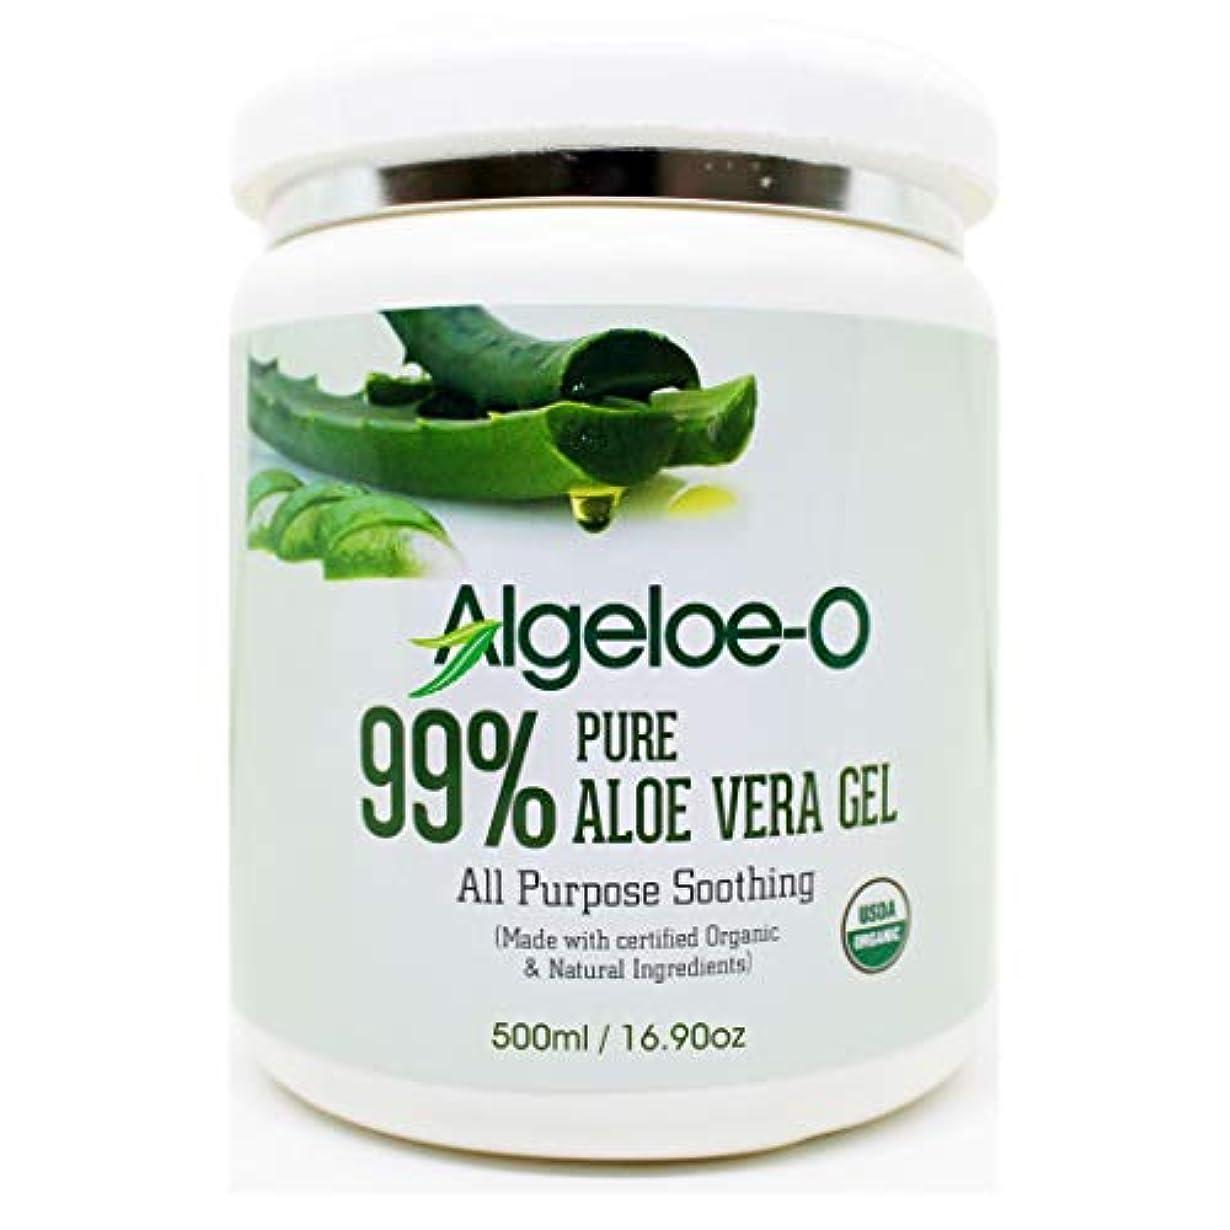 アストロラーベセレナに応じてAlgeloe-O  Organic Aloe Vera Gel 99% Pure Natural made with USDA Certified Aloe Vera Powder Paraben, sulfate free...